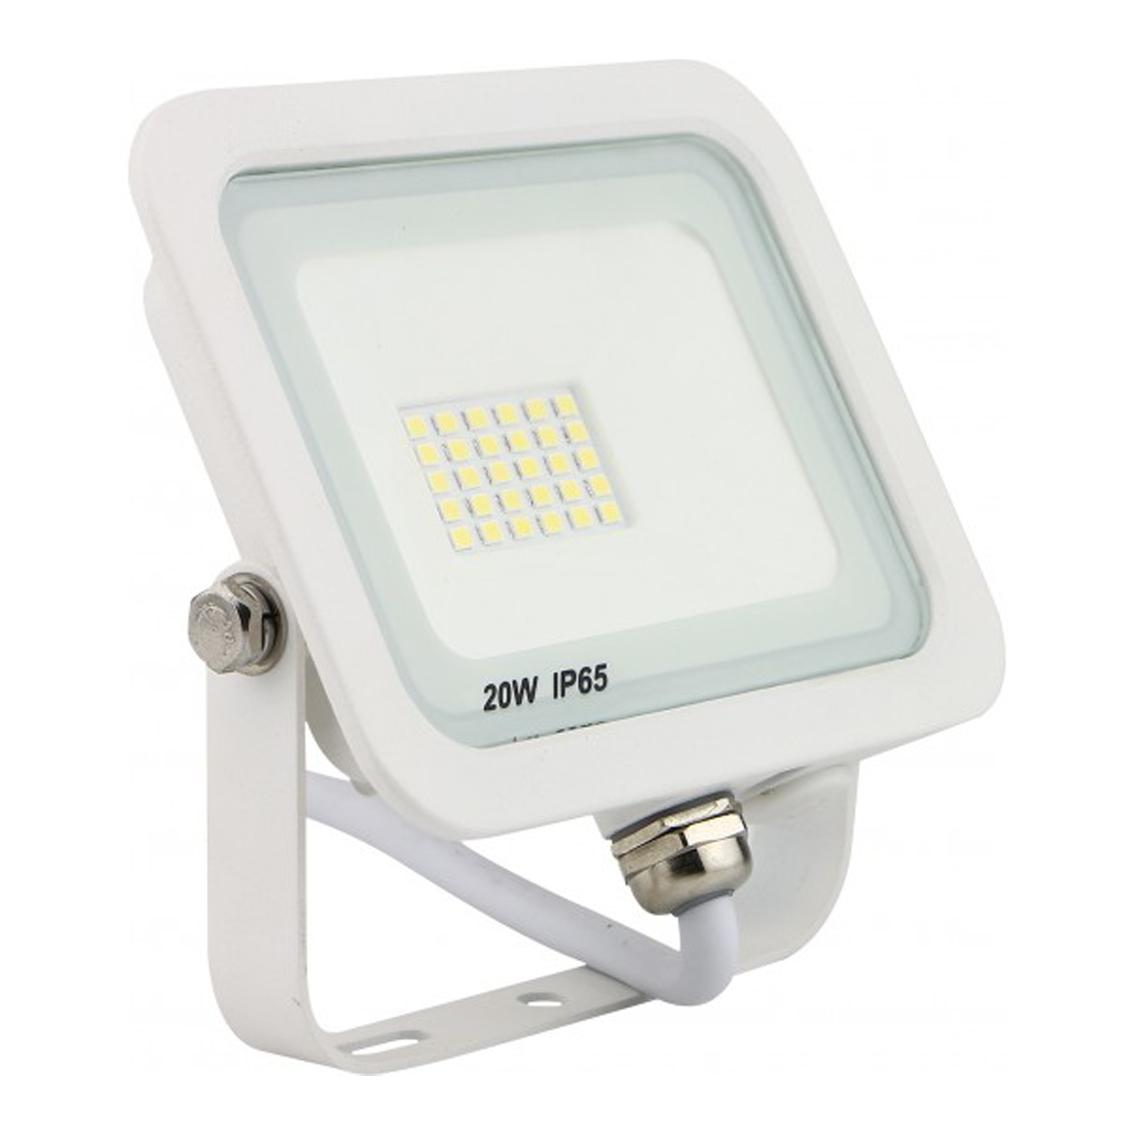 SMD LED reflektor 20W 6500K 1600lm Bijeli Mitea Elektro Vukojevic